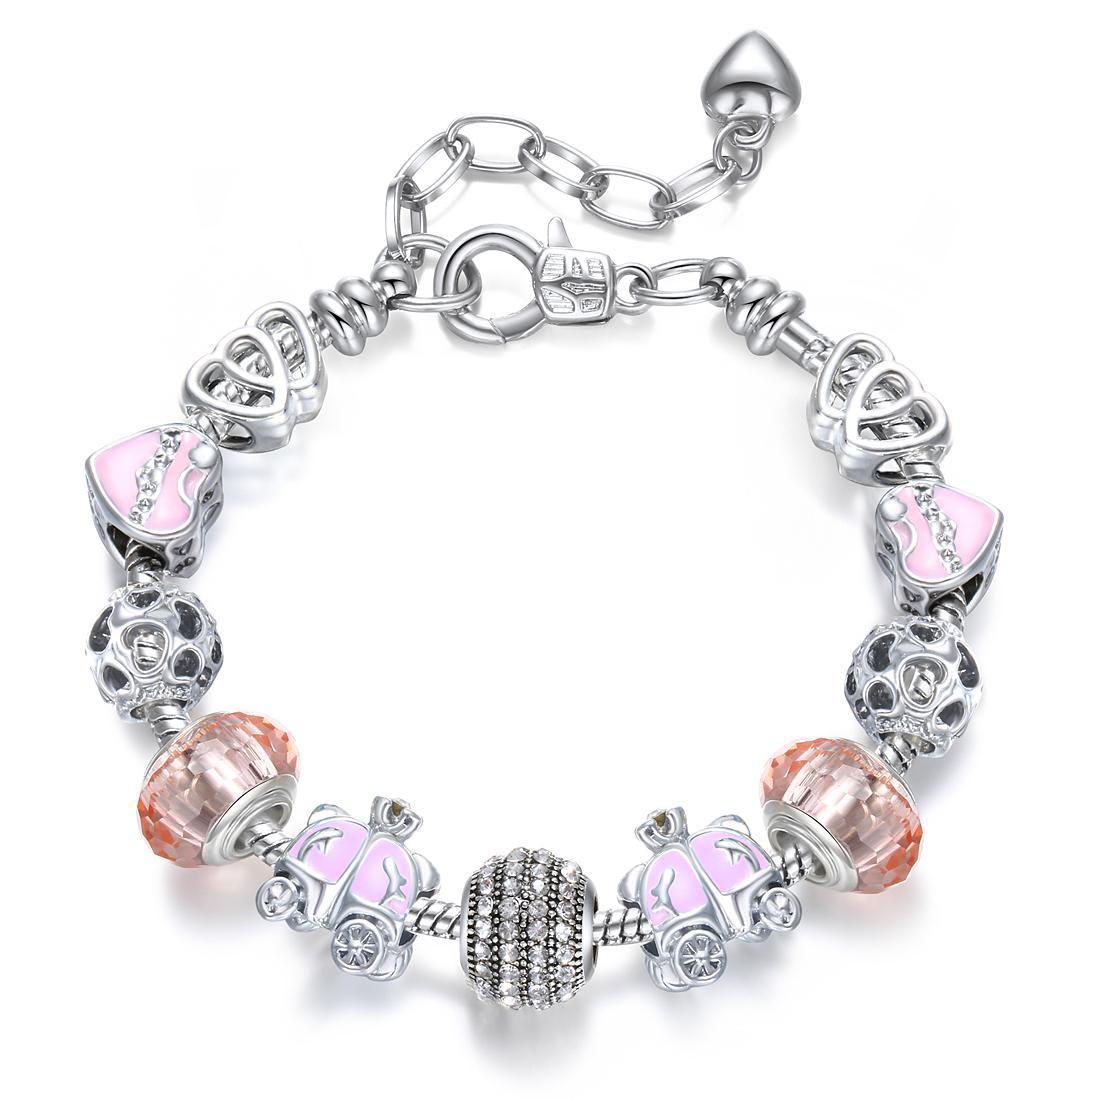 925 Herstellung von Silbertropfen oilCharm Perlen Armbänder für Frauen silberne europäische Armband-Armbänder Femme Braut Hochzeit Fine Jewelry